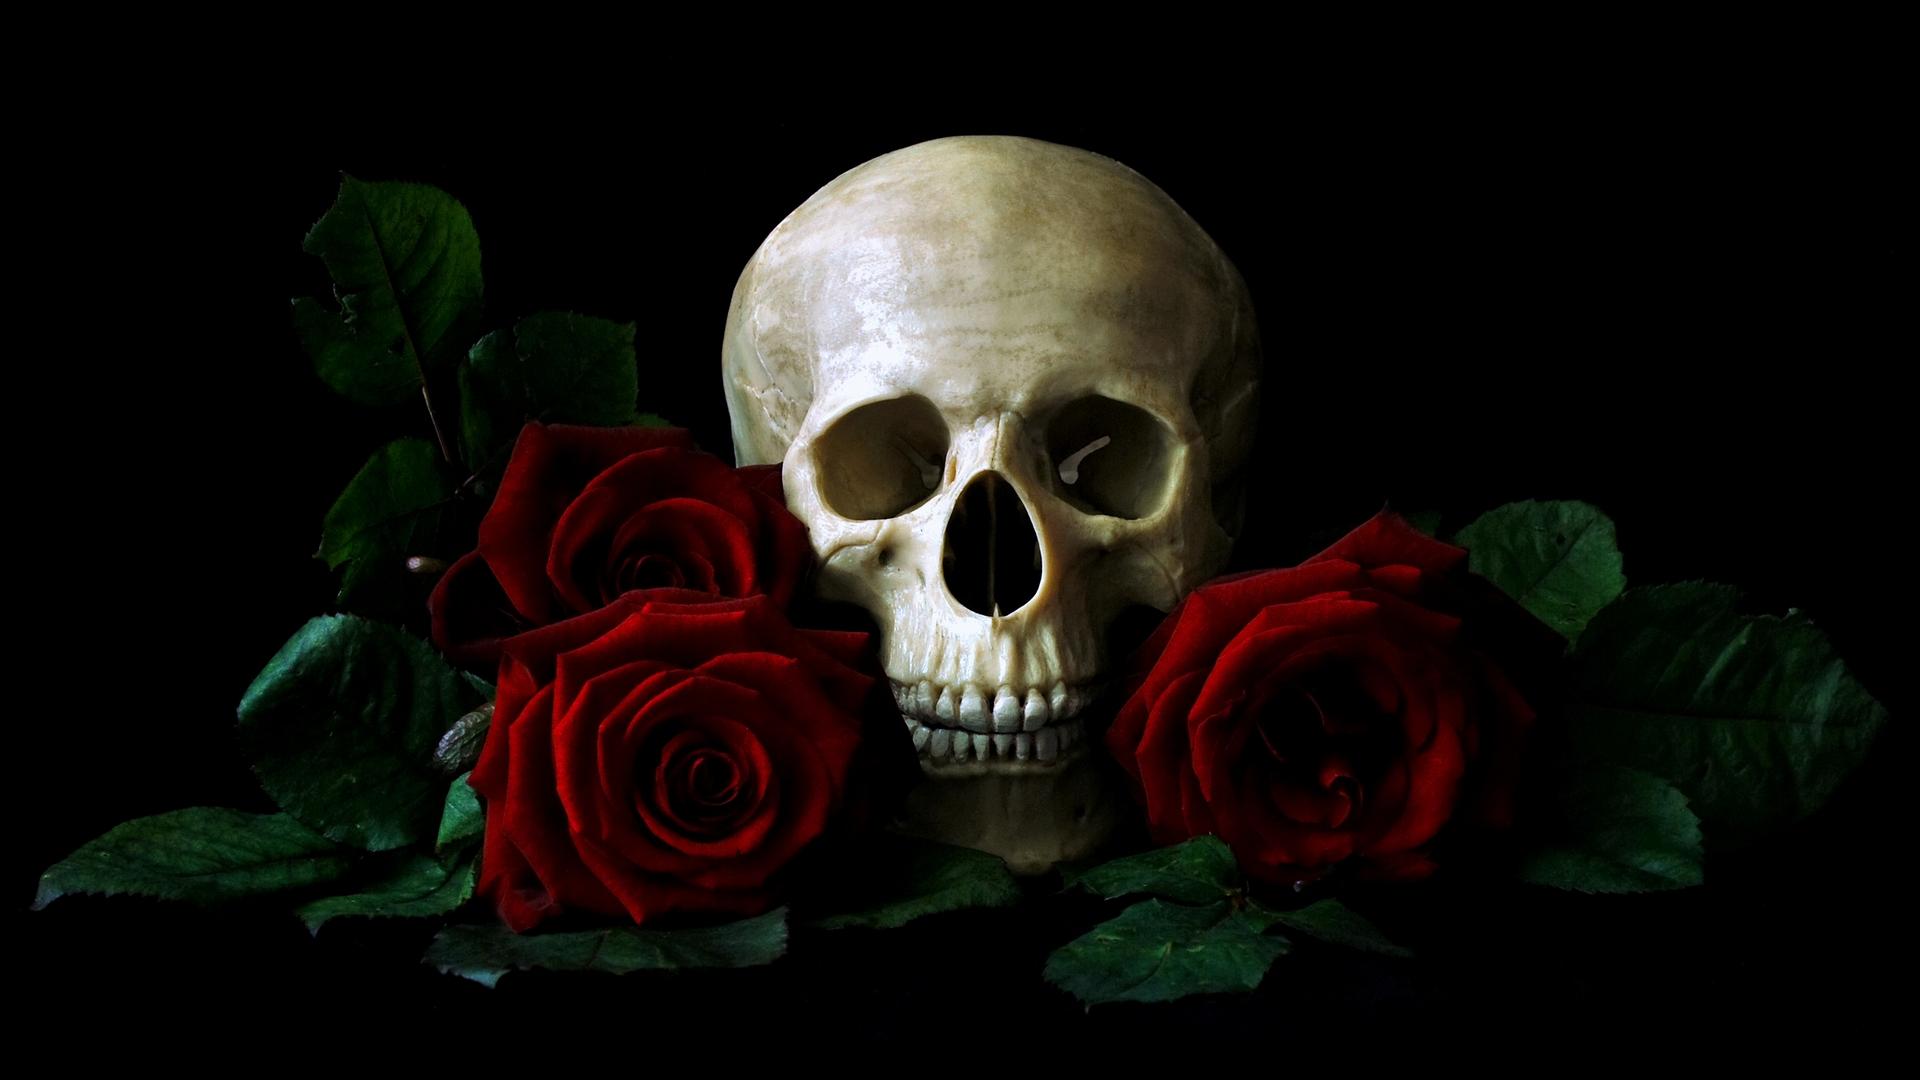 фотографии череп с цветами было что